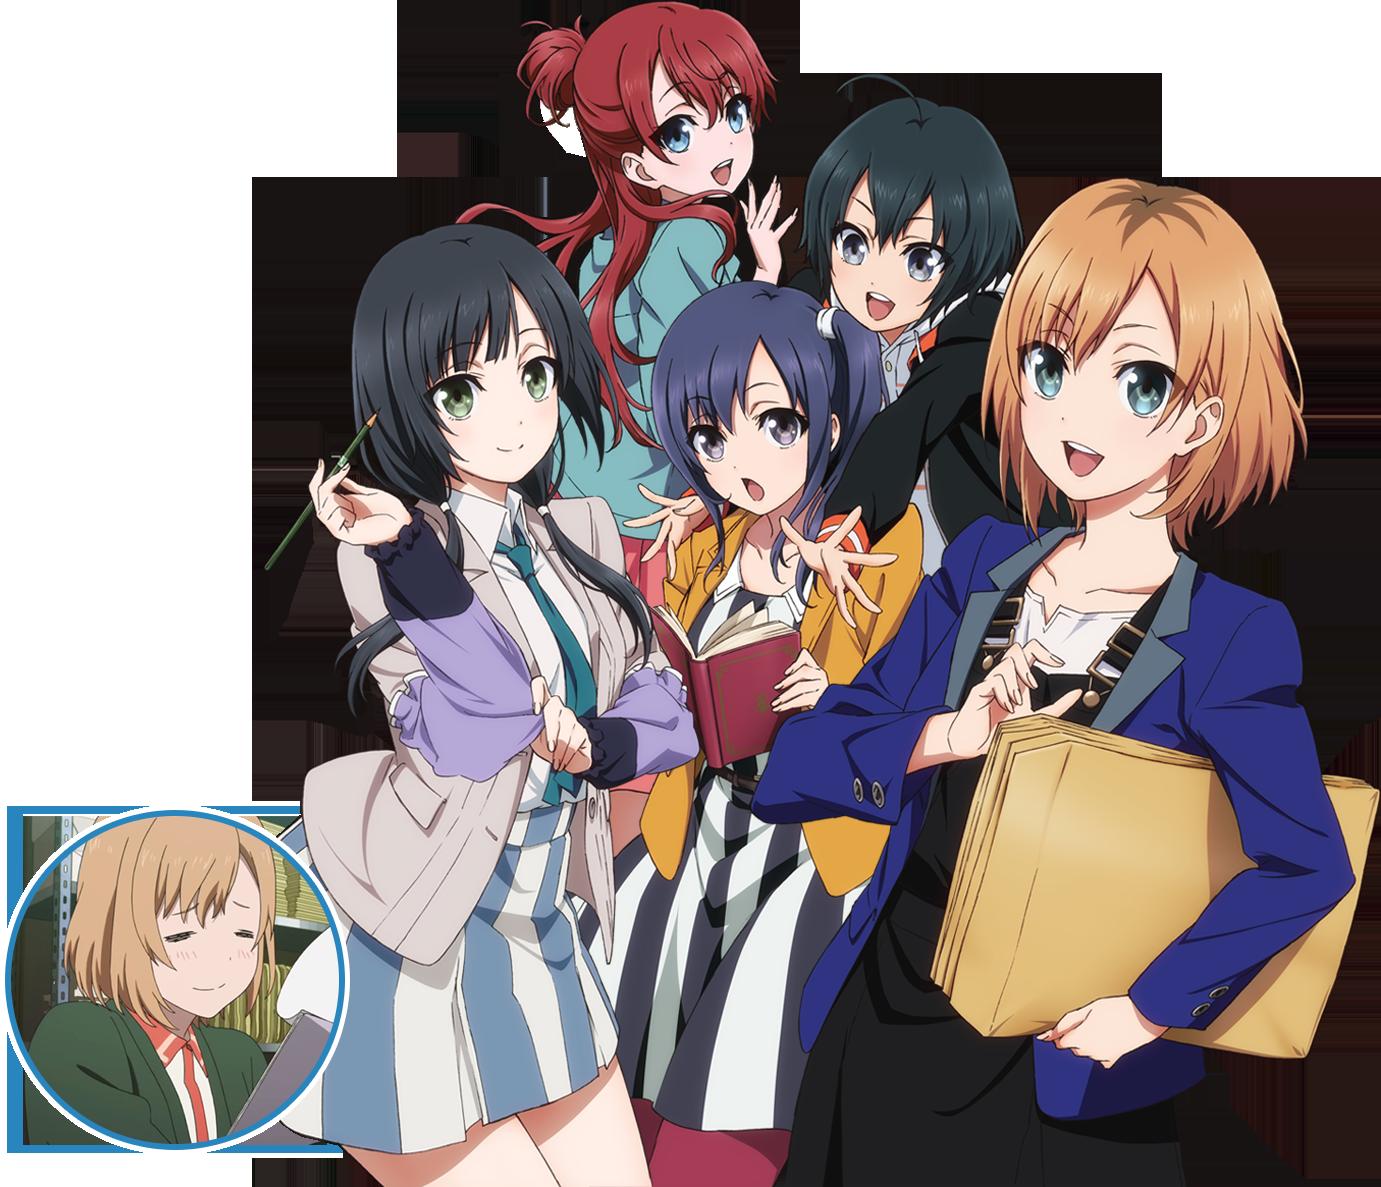 アニメキャラも働いている! おすすめのお仕事系アニメ5選!